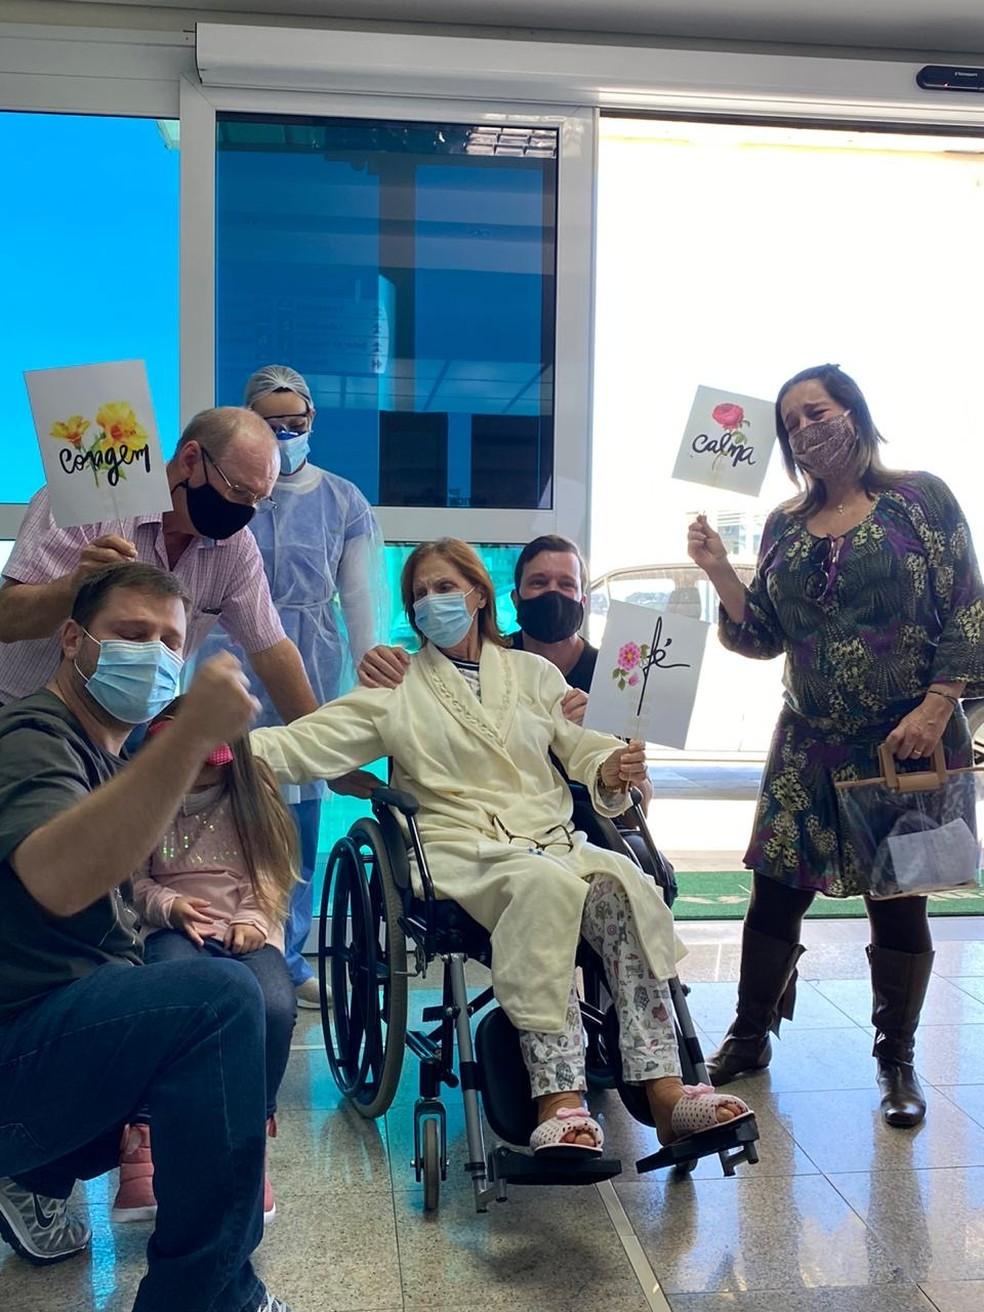 Familiares e amigos rezam por 40 dias em frente a hospital em SC para apoiar mulher com Covid-19